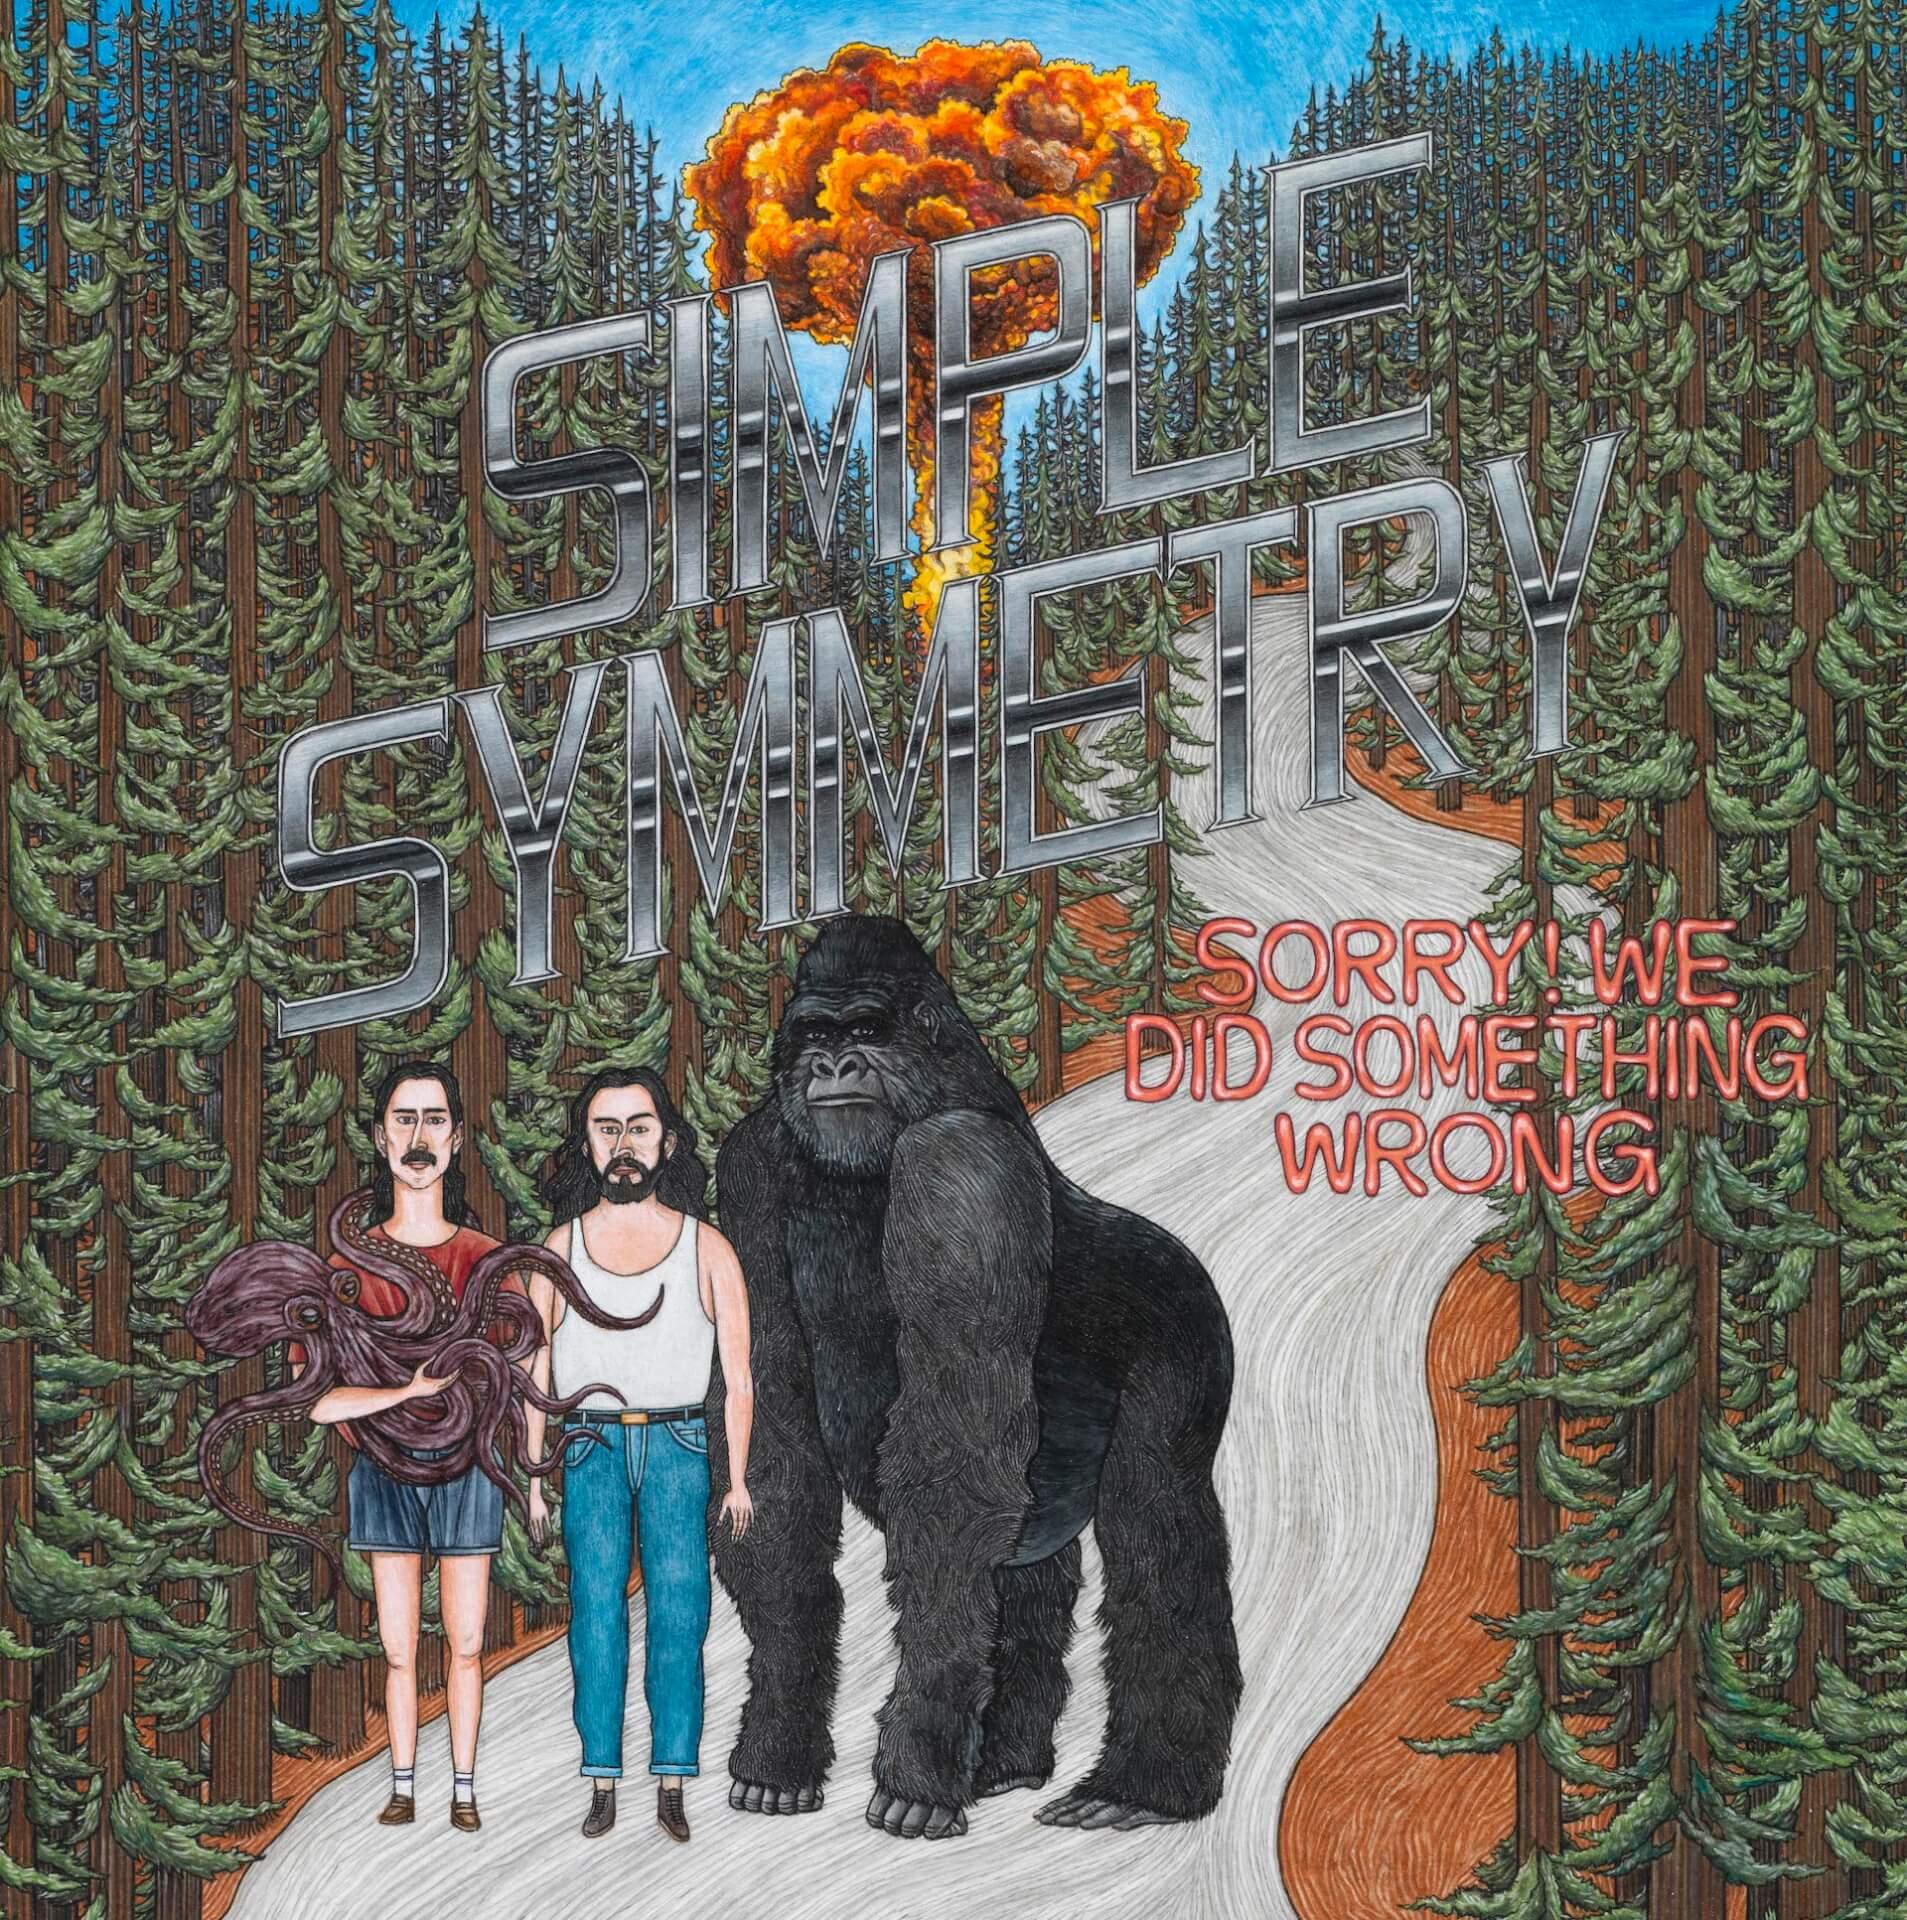 モスクワを拠点に活動するSimple Symmetryのデビューアルバム『SORRY! WE DID SOMETHING WRONG』がリリース決定! music210507_simple-symmetry-210507_1